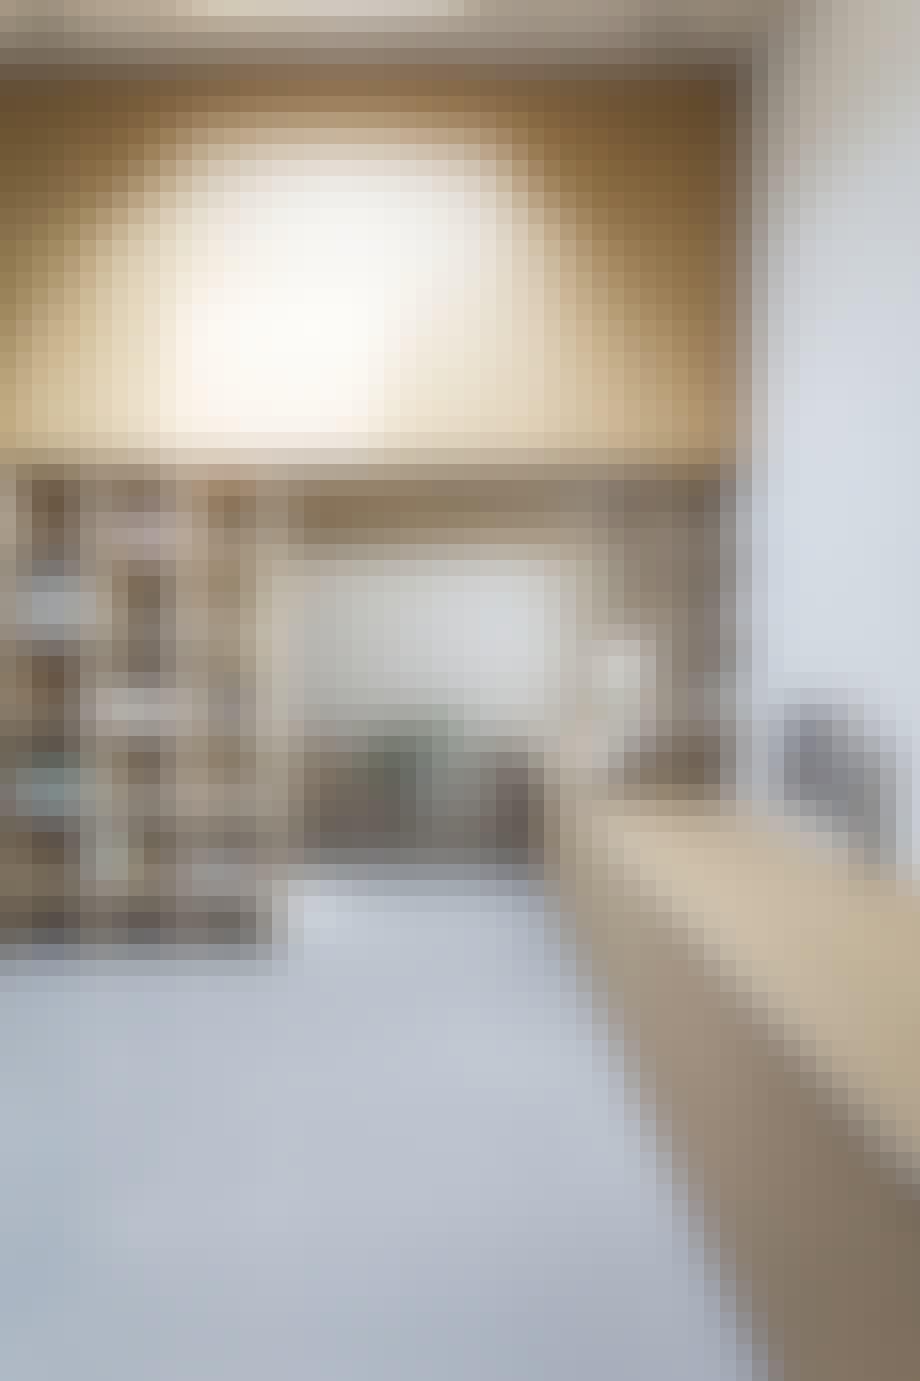 danske boligarkitekter arkitektur ombygning kontor mellemgang